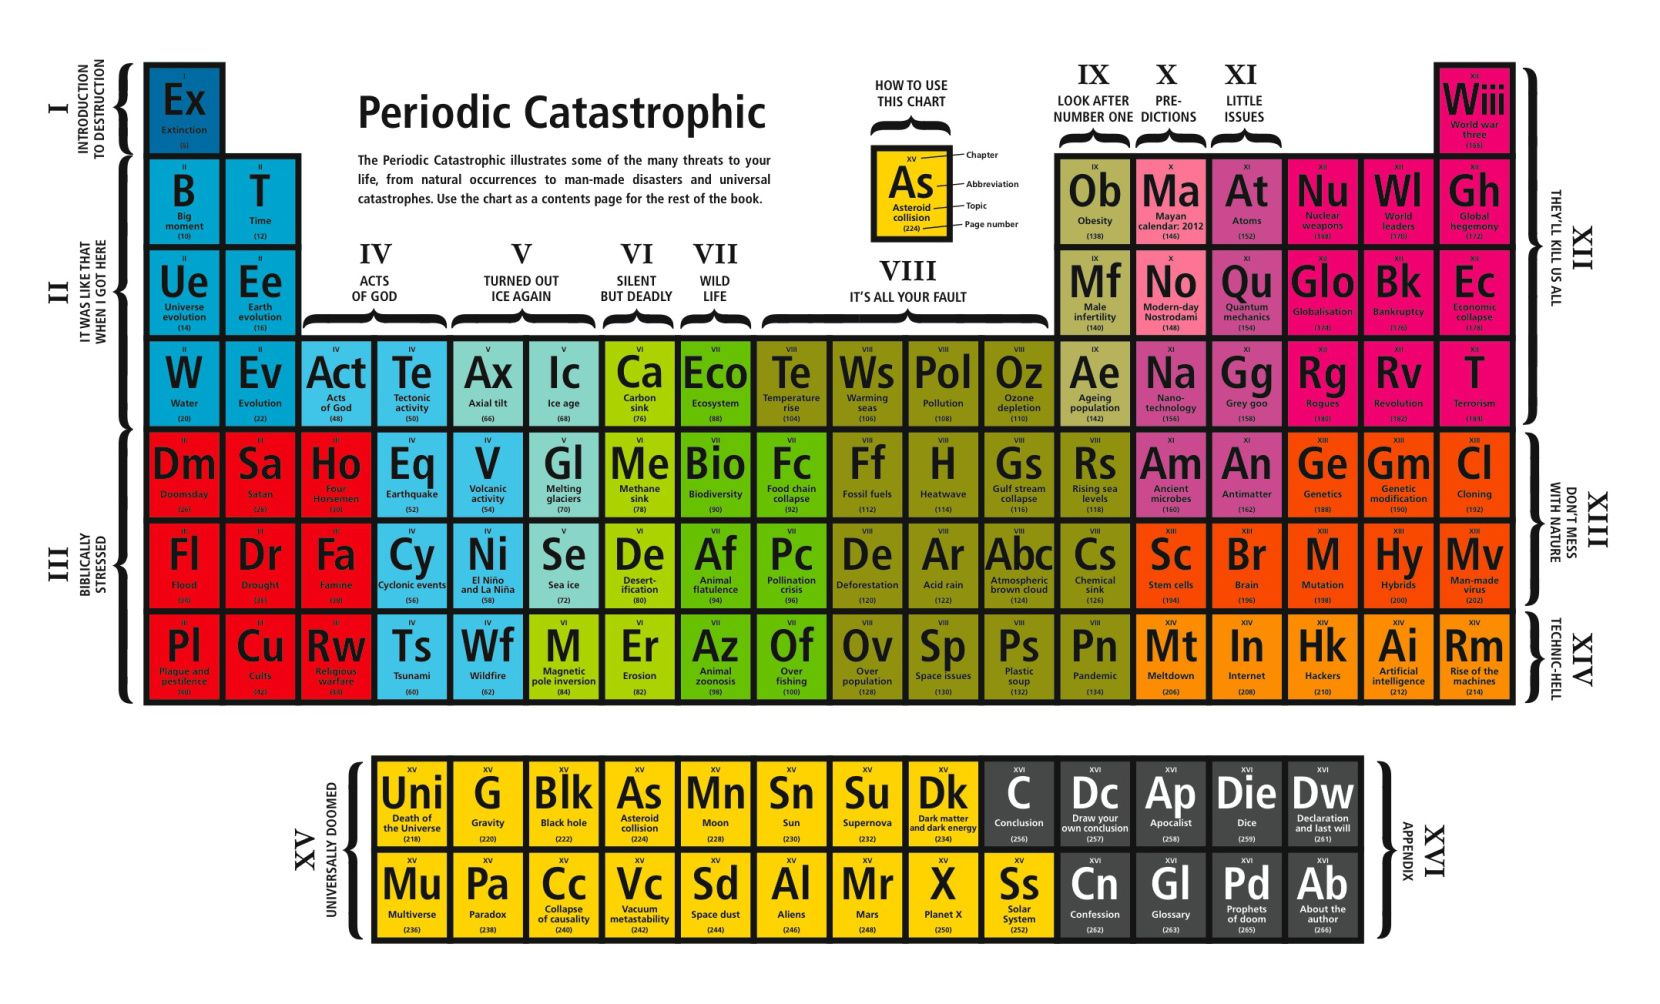 Tablas peridicas diferentes tabla elementos y aplicacin tabla peridica de elementos qumicos segn abundancia imgenes reales de los elementos qumicos tabla peridica de urtaz Image collections